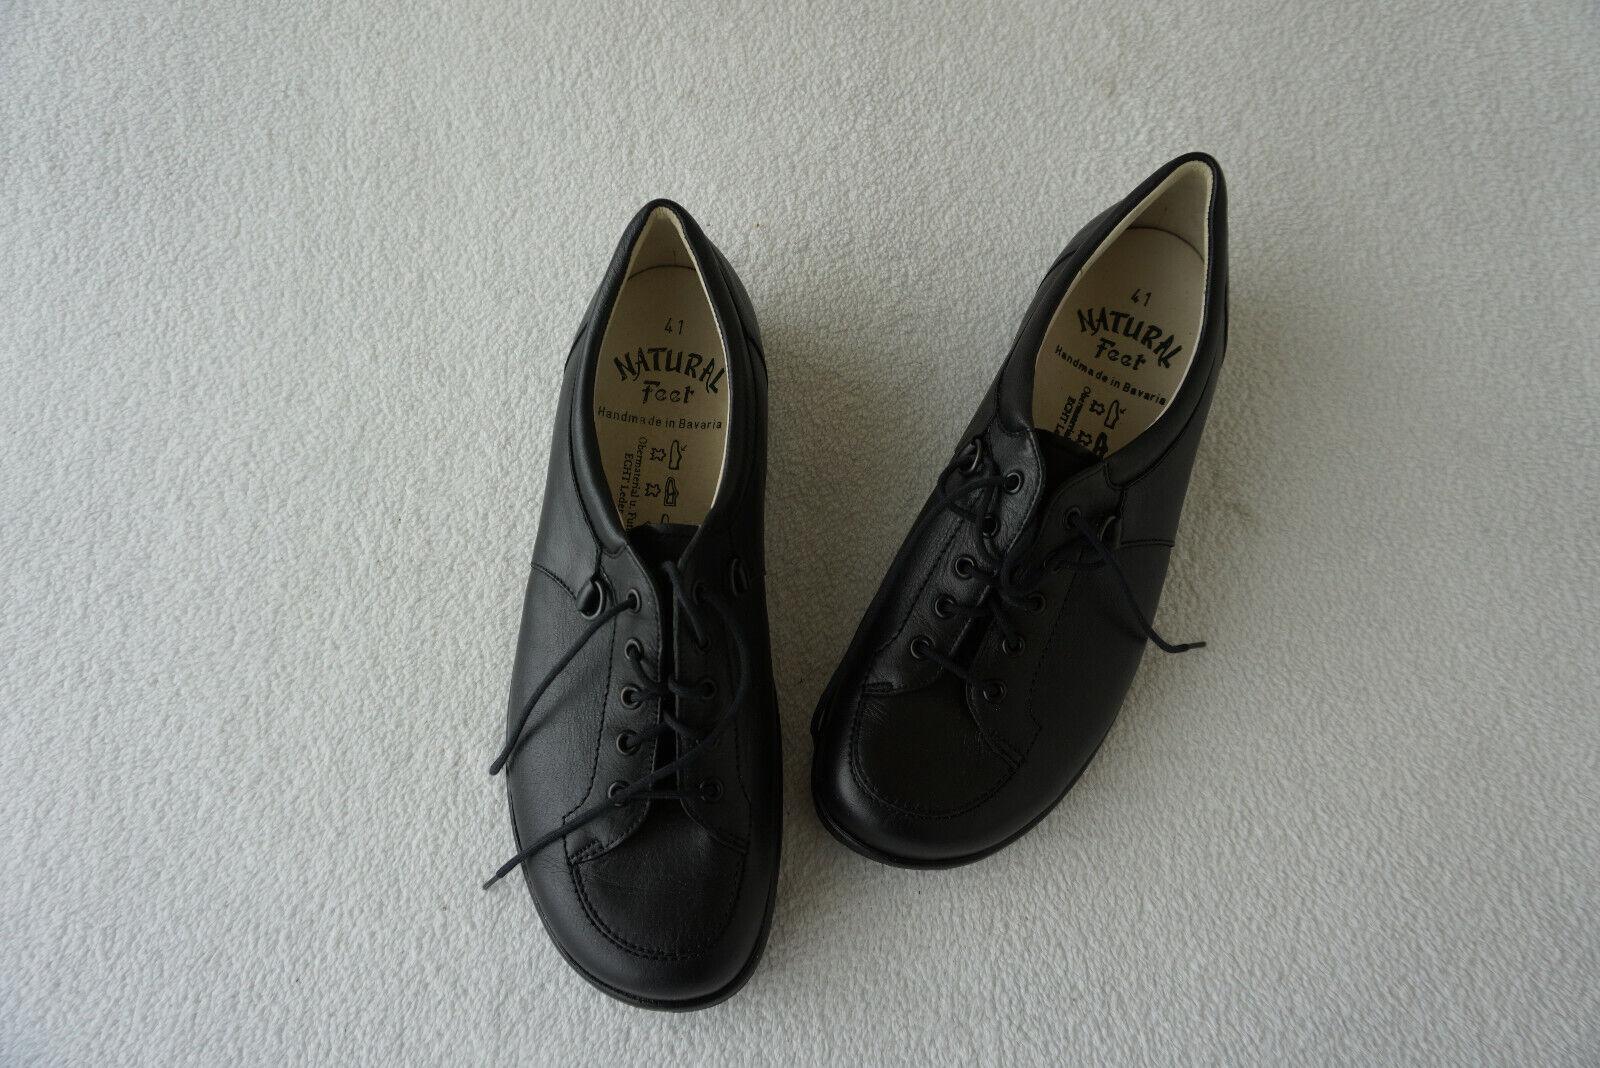 Ortopedico Natural Feet Sautope Donna Sautope con Lacci Gr.41 Nero pelle Nuovo